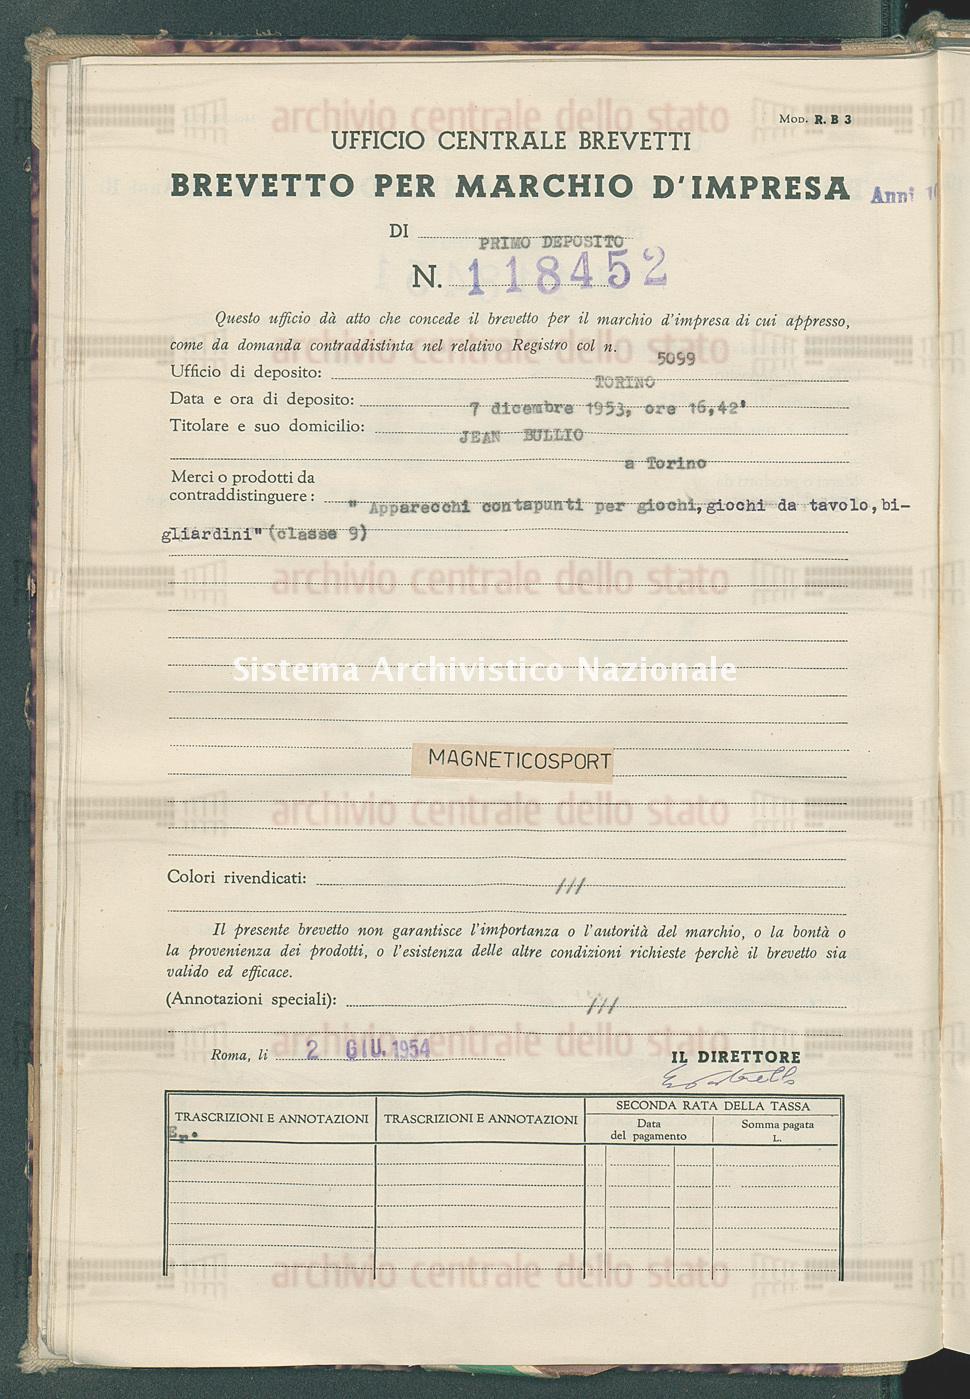 'Apparecchi contapunti per giochi, giochi da tavolo, bigliardini' Jean Bullio (02/06/1954)